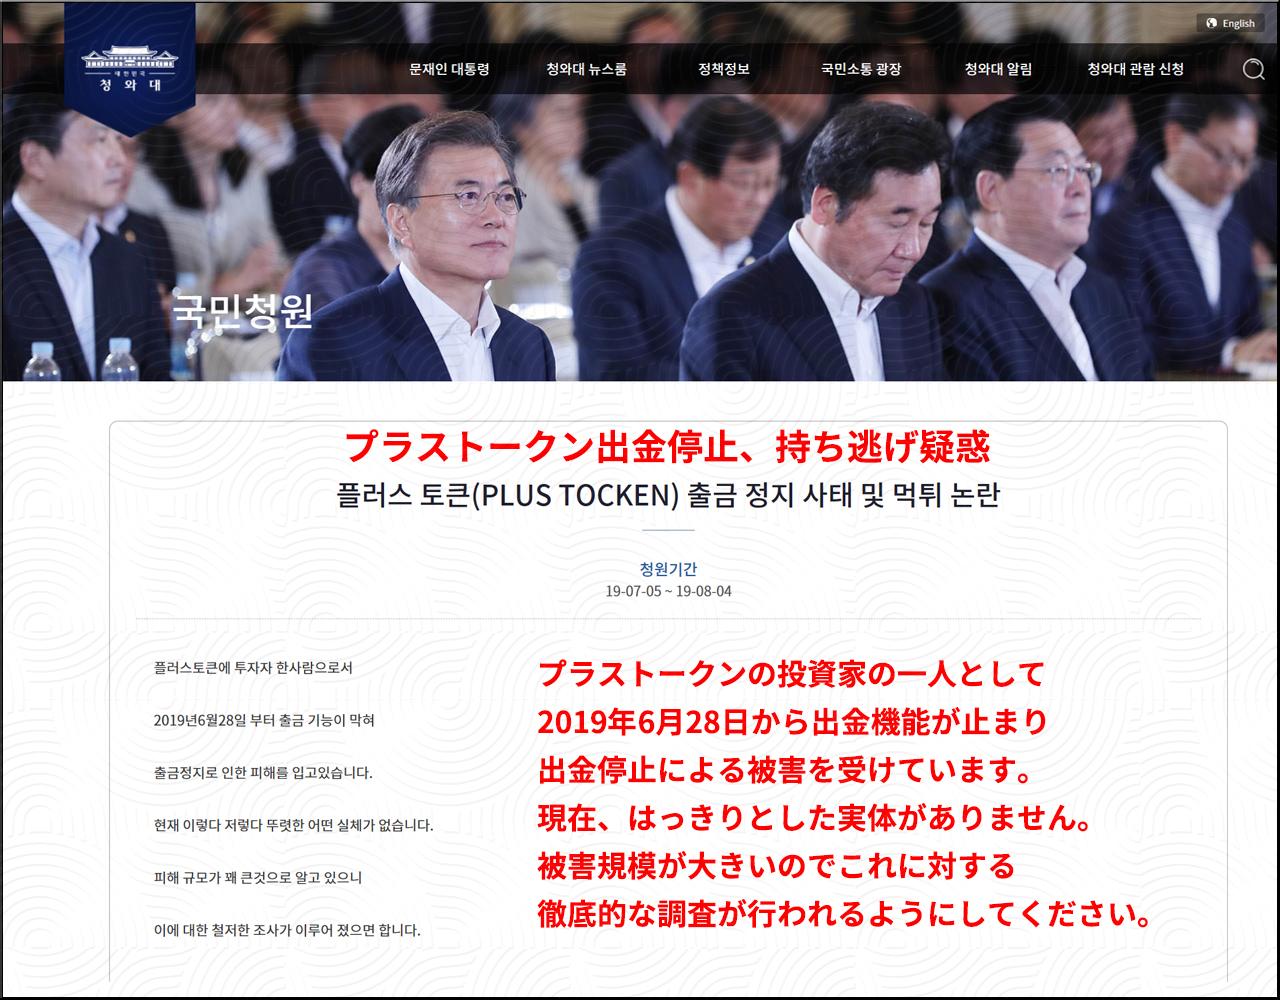 韓国 Coiness PlusToken(プラストークン) 国民請願